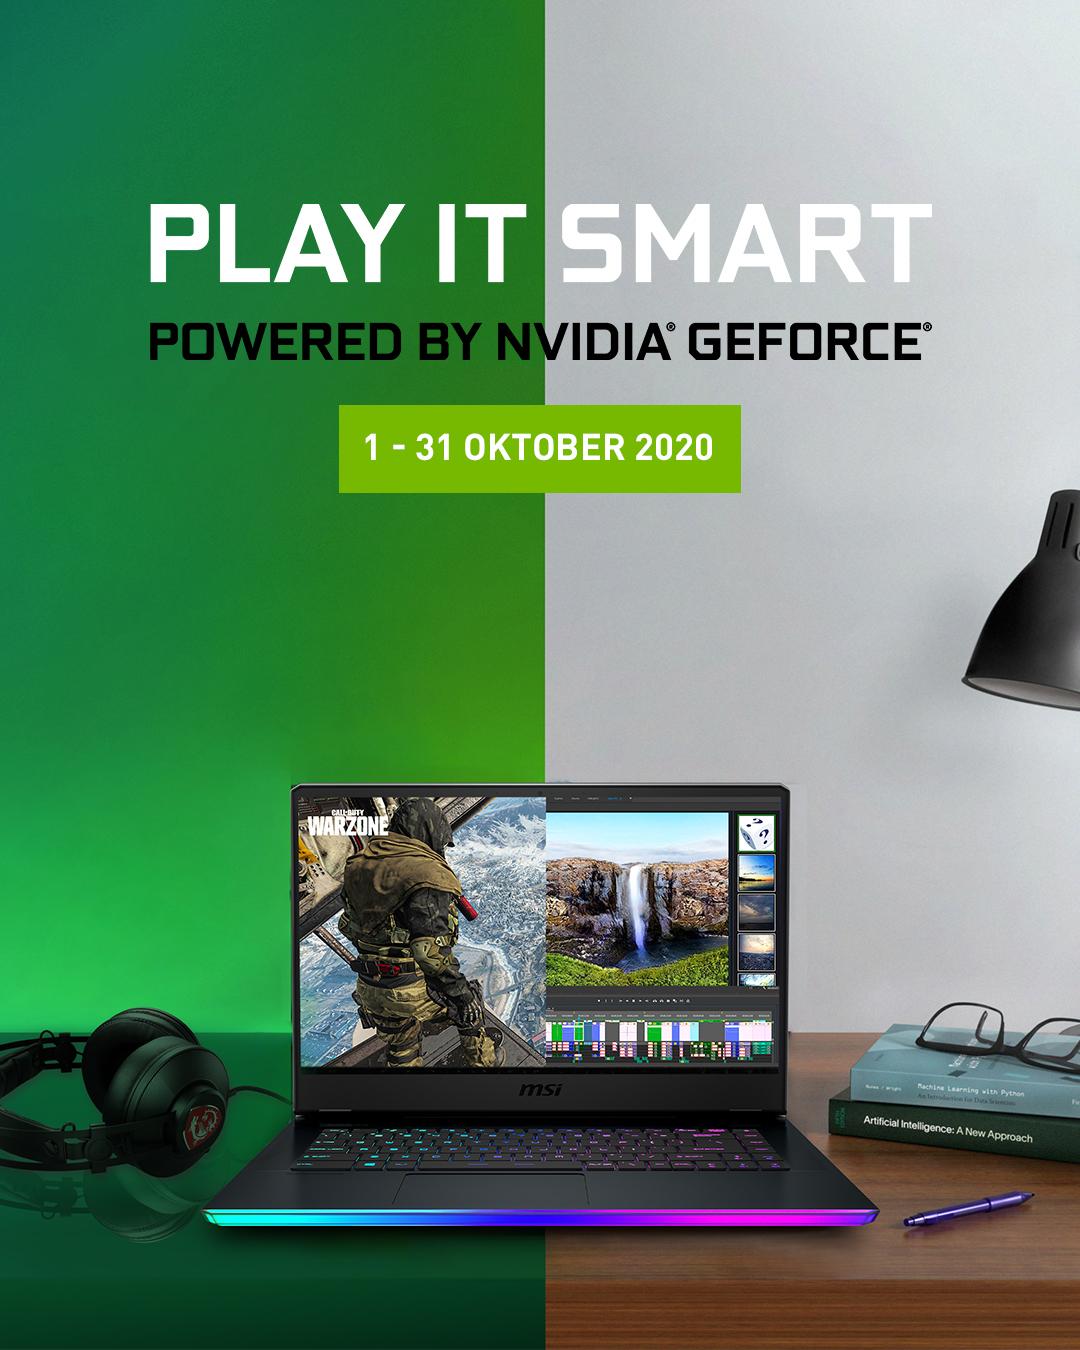 Play It Smart